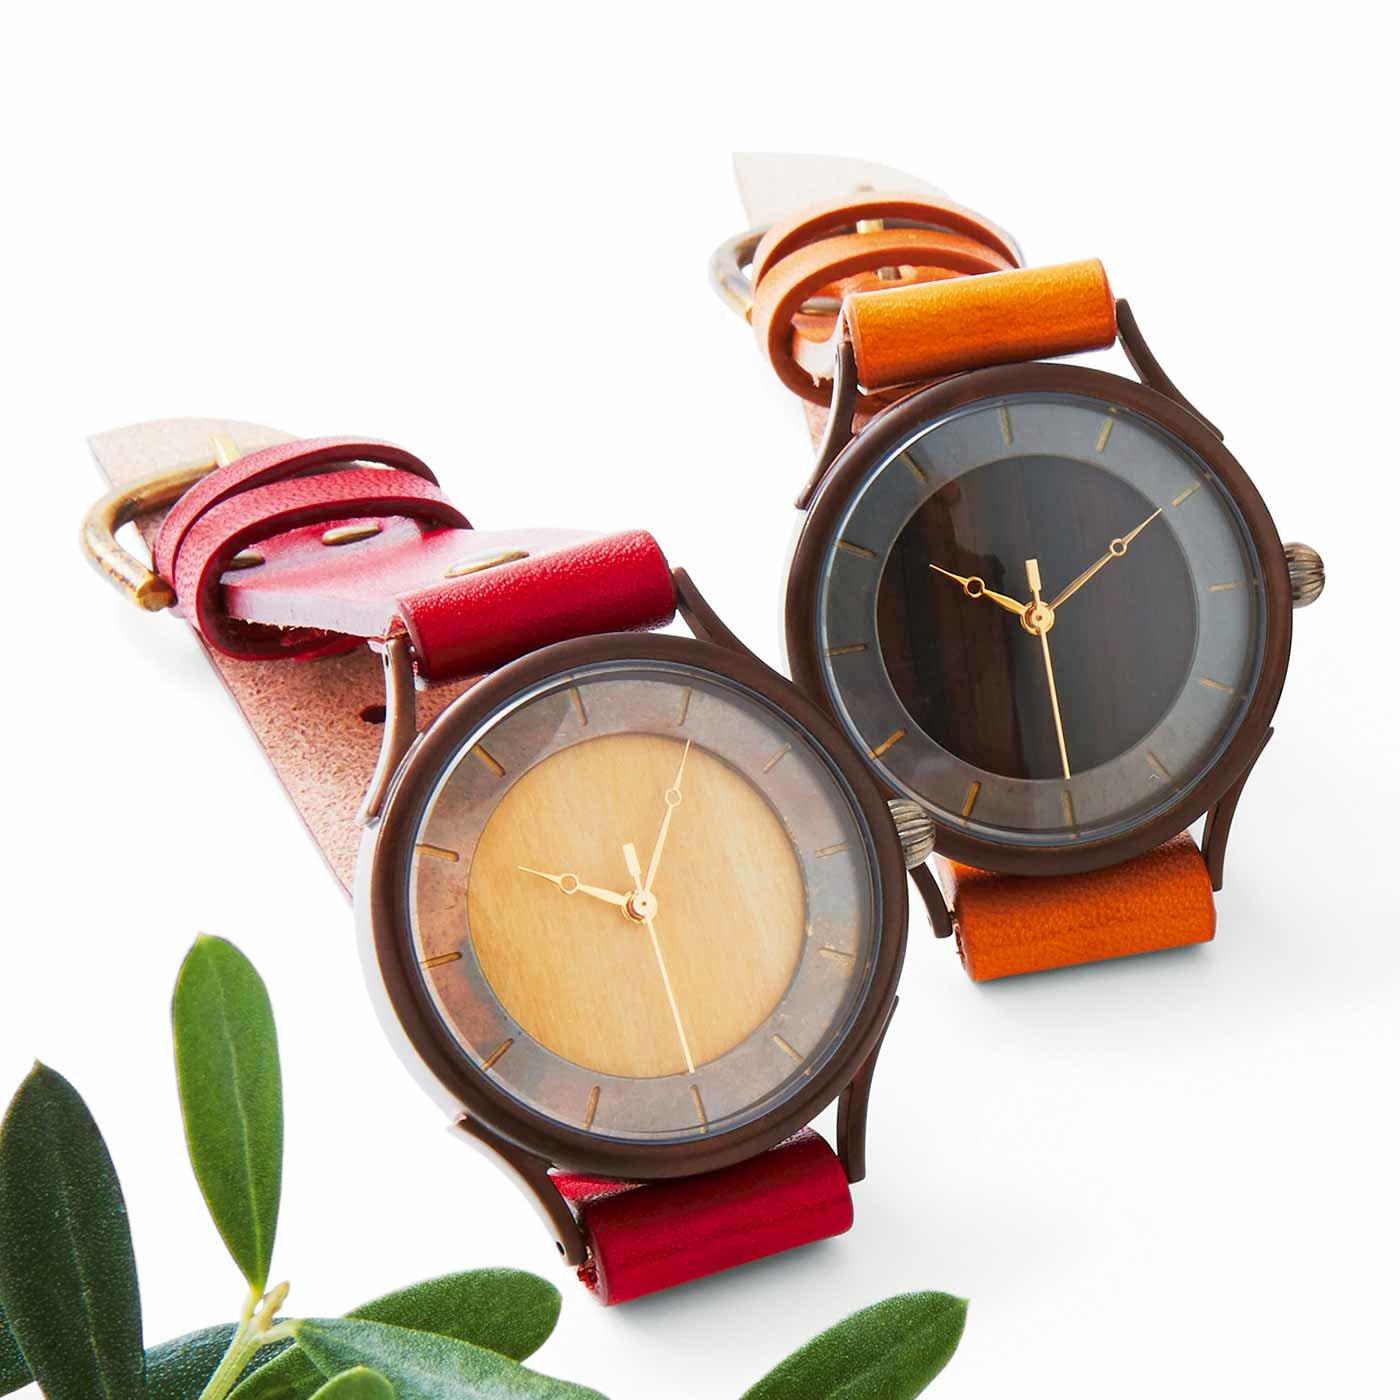 vie(ヴィー) ハンドメイド腕時計(プレート)